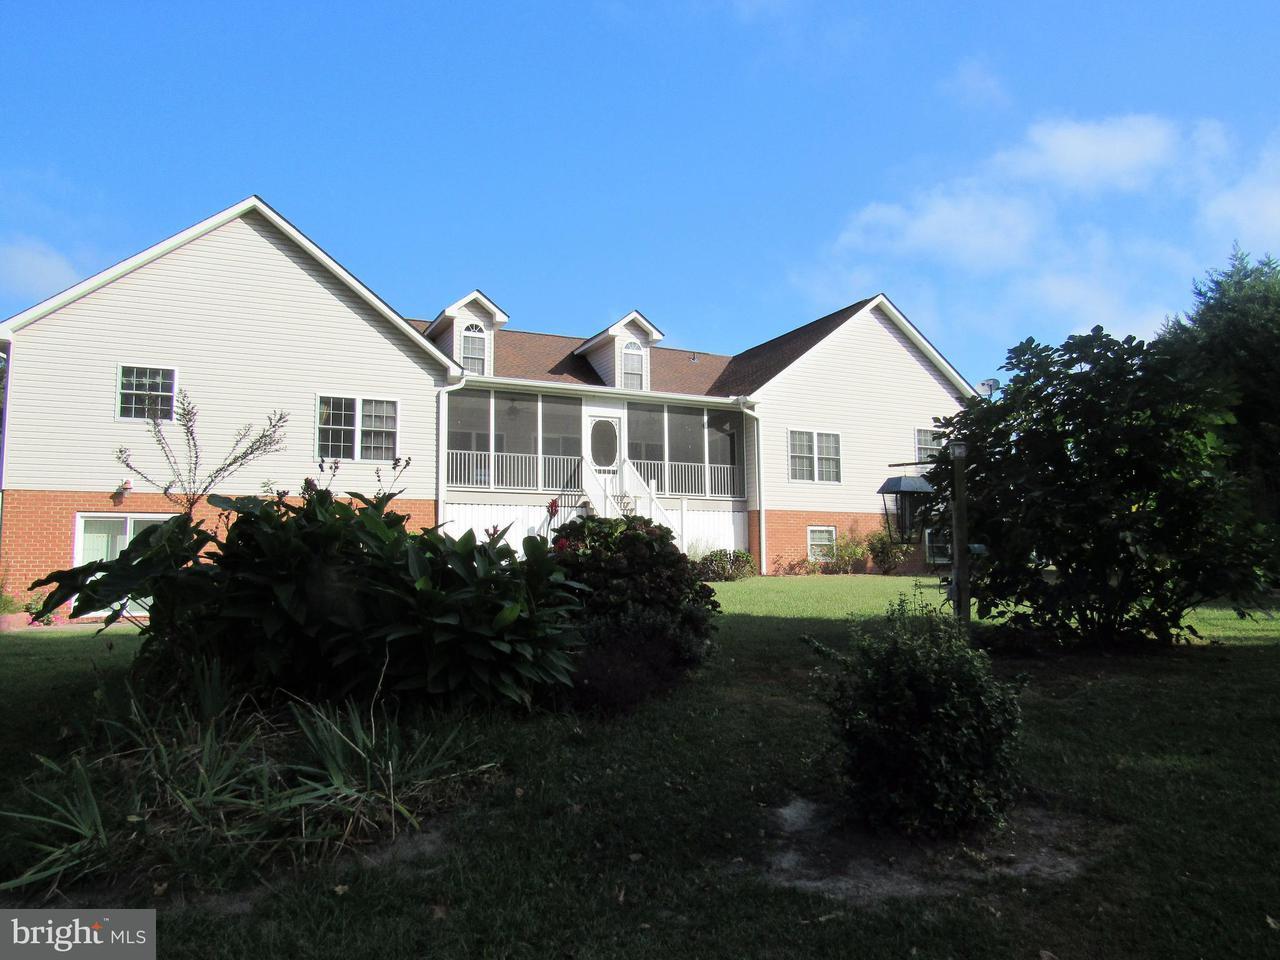 一戸建て のために 売買 アット 112 ESSEX Place 112 ESSEX Place Montross, バージニア 22520 アメリカ合衆国